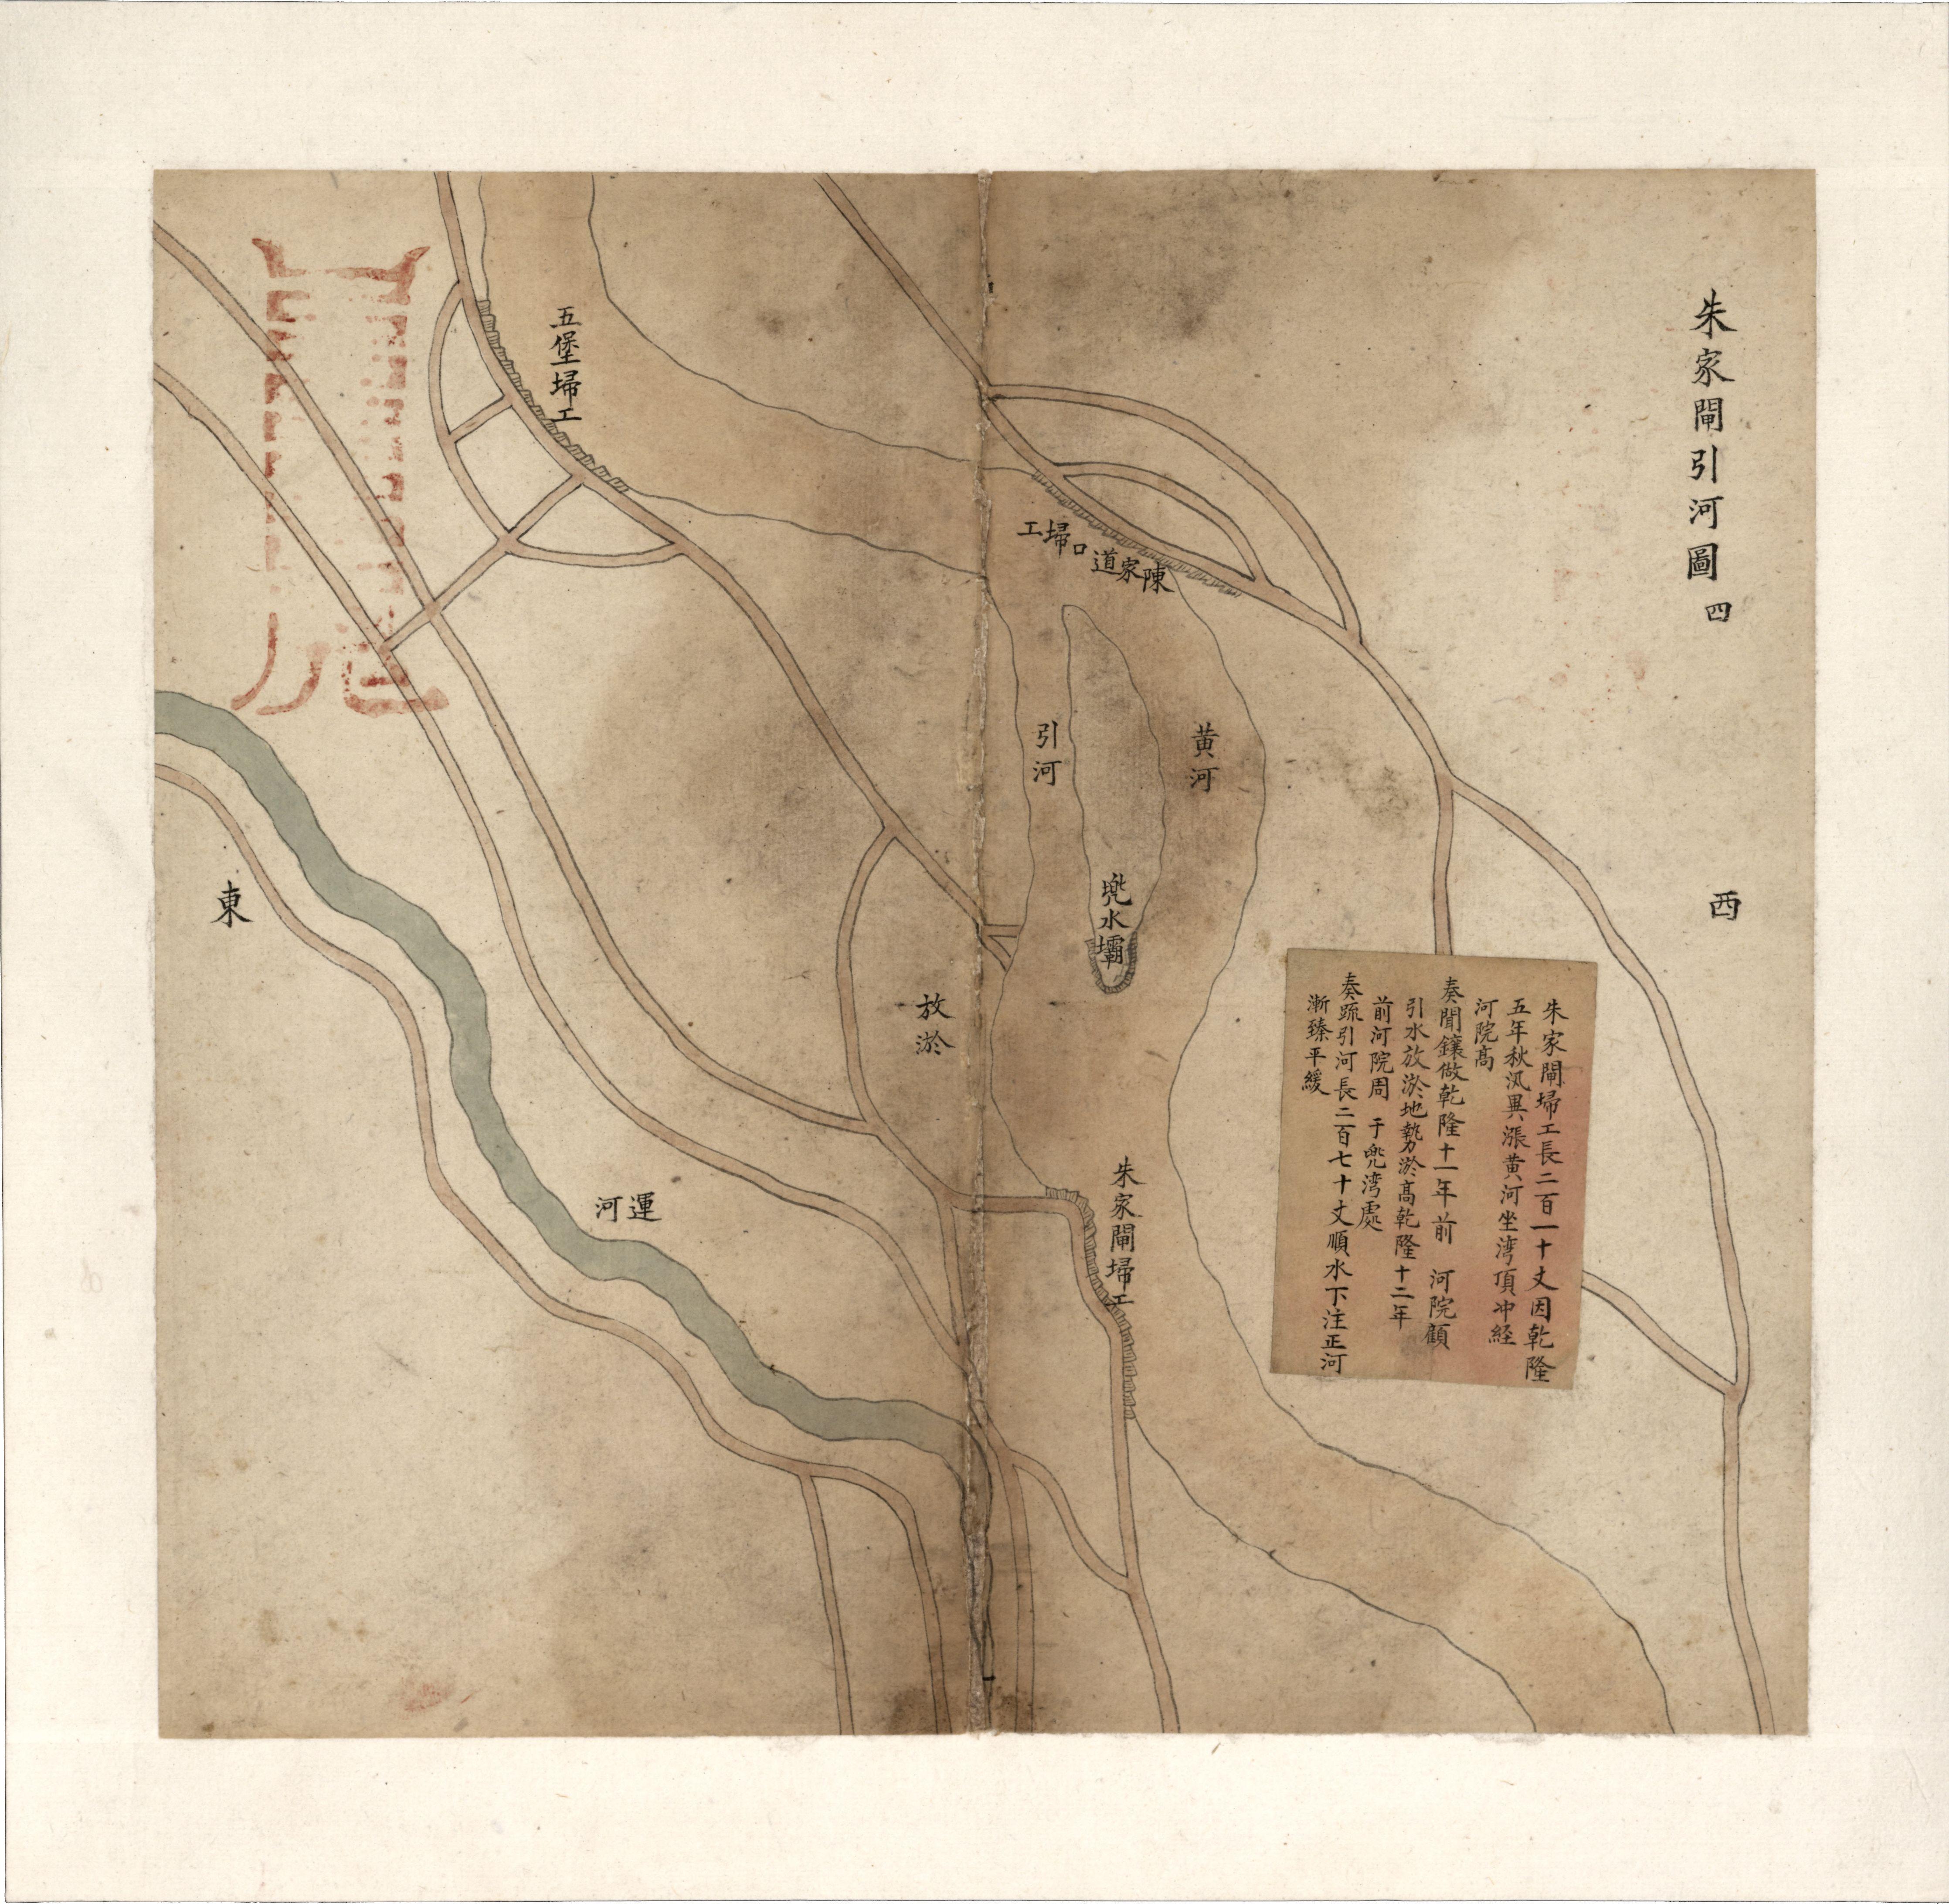 File:Huang He xia you zha ba tu. LOC 2002626798-4.jpg - Wikimedia ...